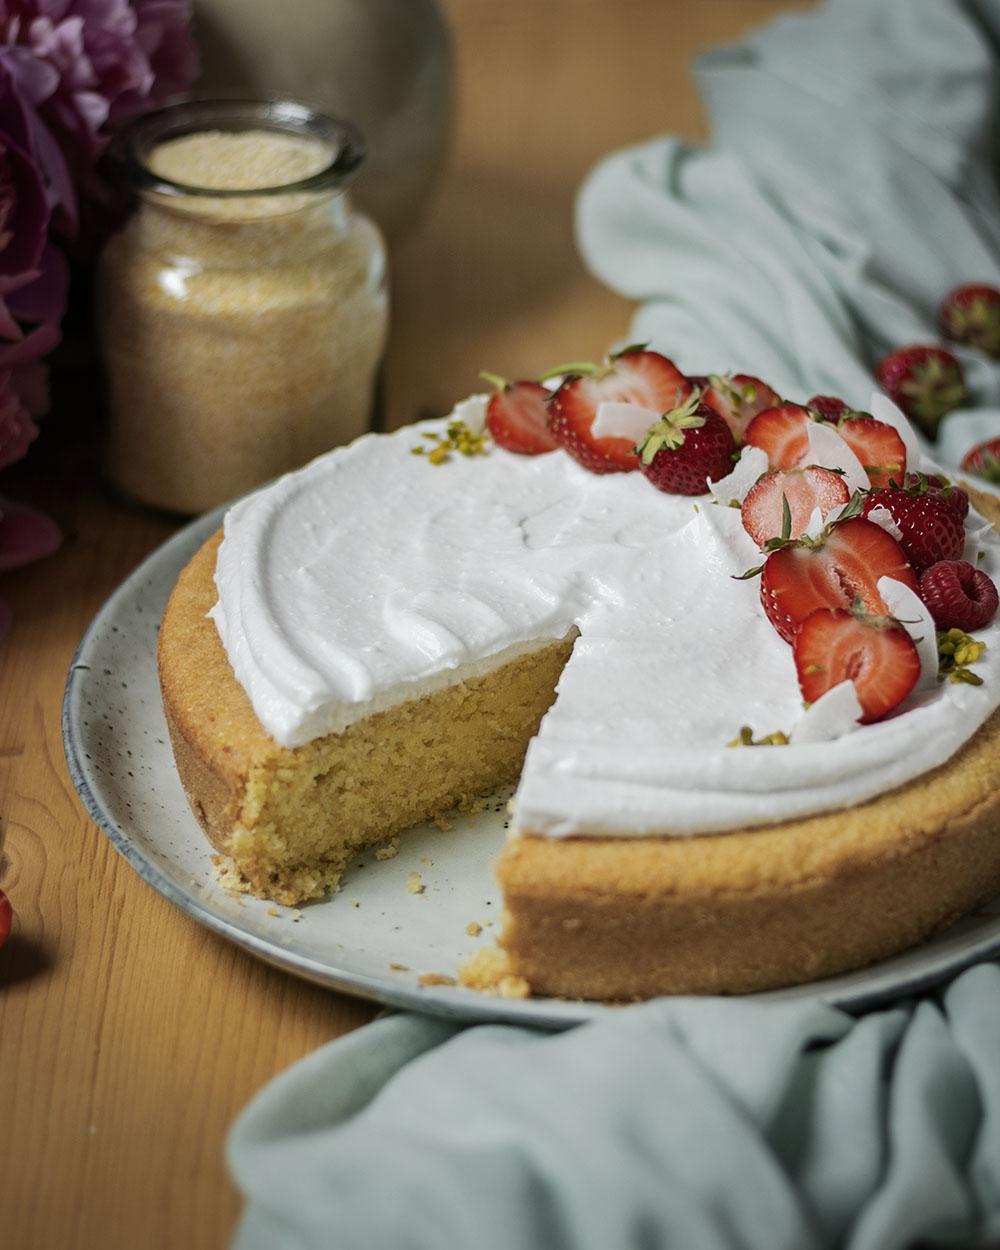 Saftiger Polentakuchen mit Kokosahne & frischen Beeren: Ein veganer Kuchen für den Sommer